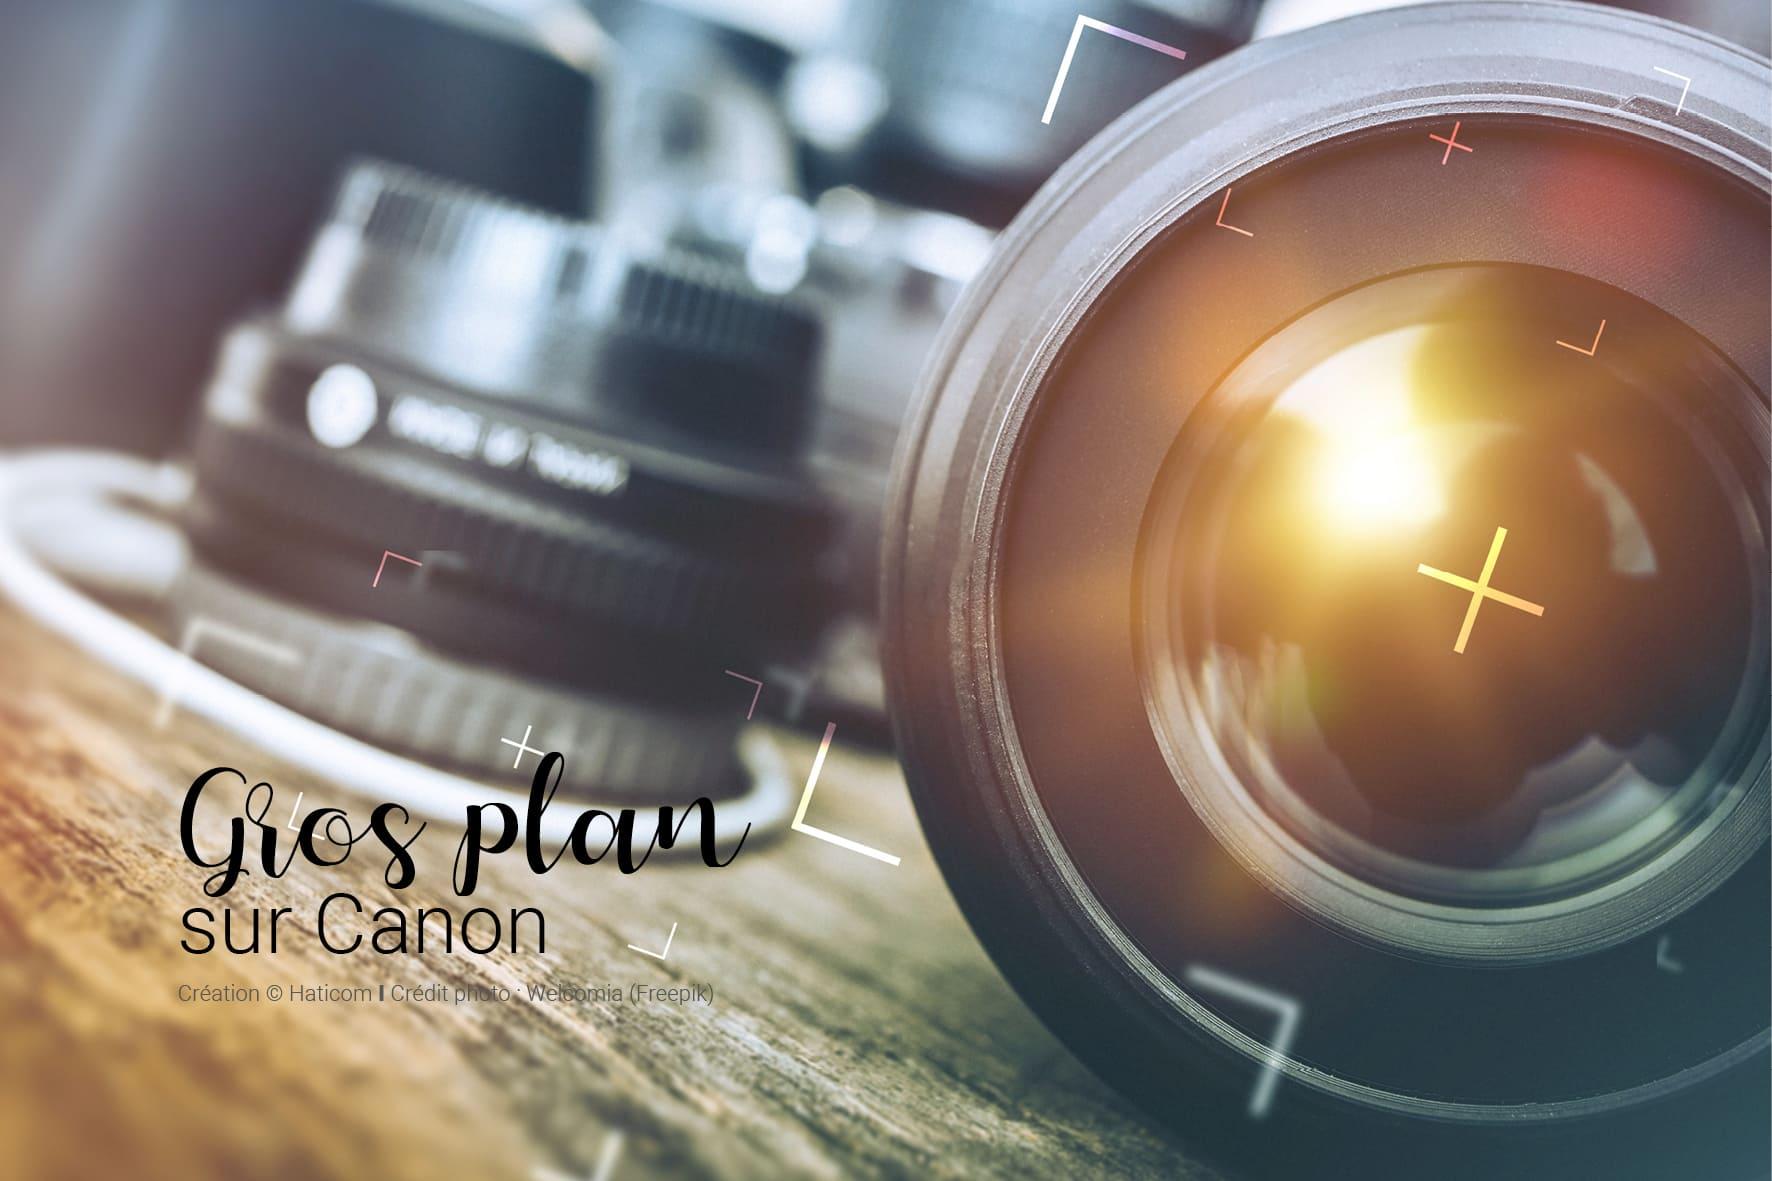 Visuel pour illustrer l'article 3 : Gros plan sur Canon